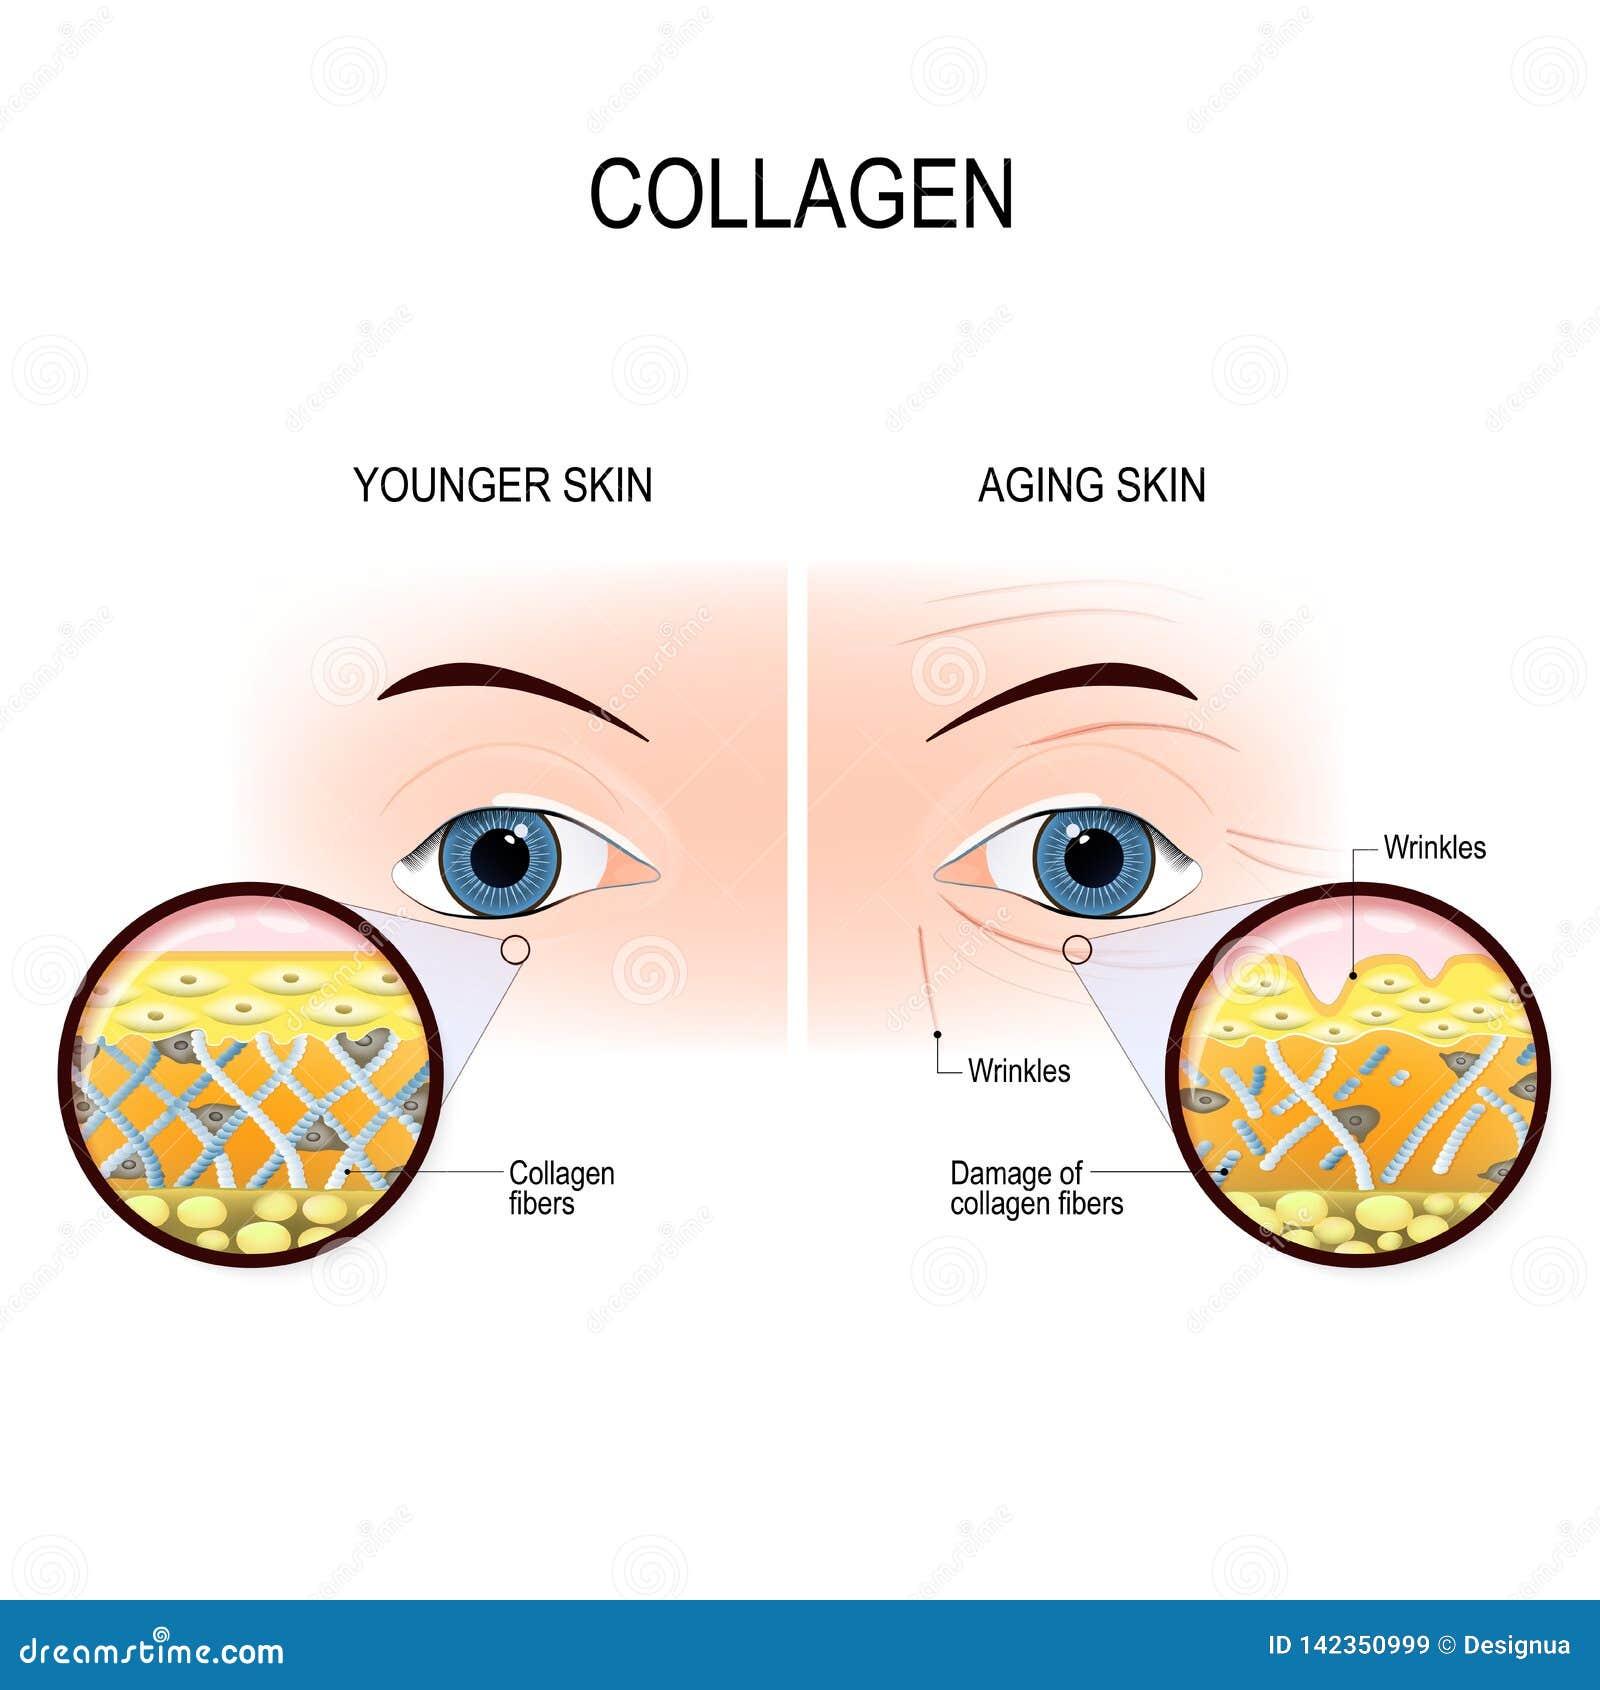 Hautalterungs- und Kollagenschaden